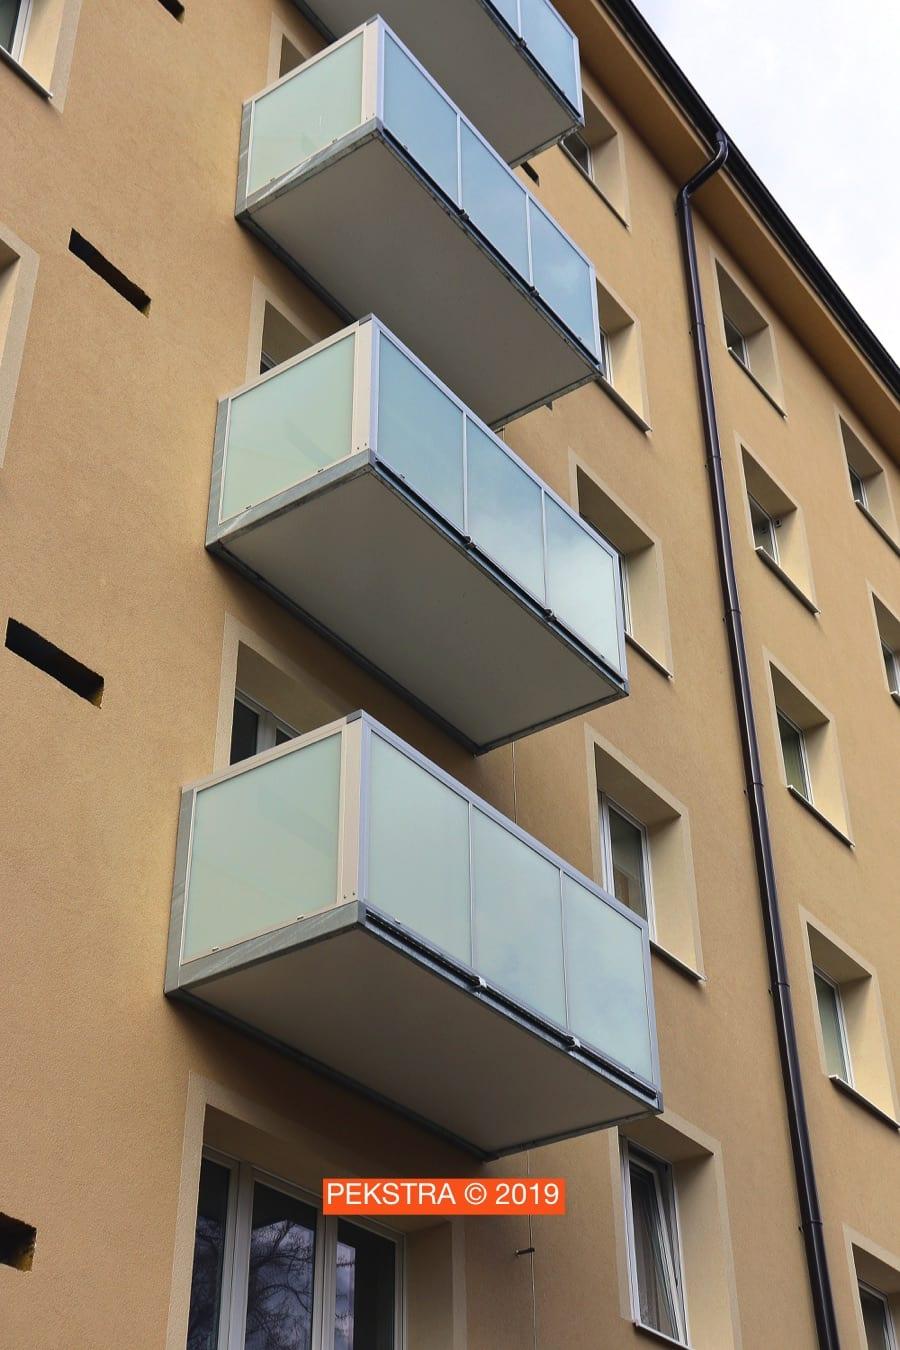 Balkony s hliníkovým madlem